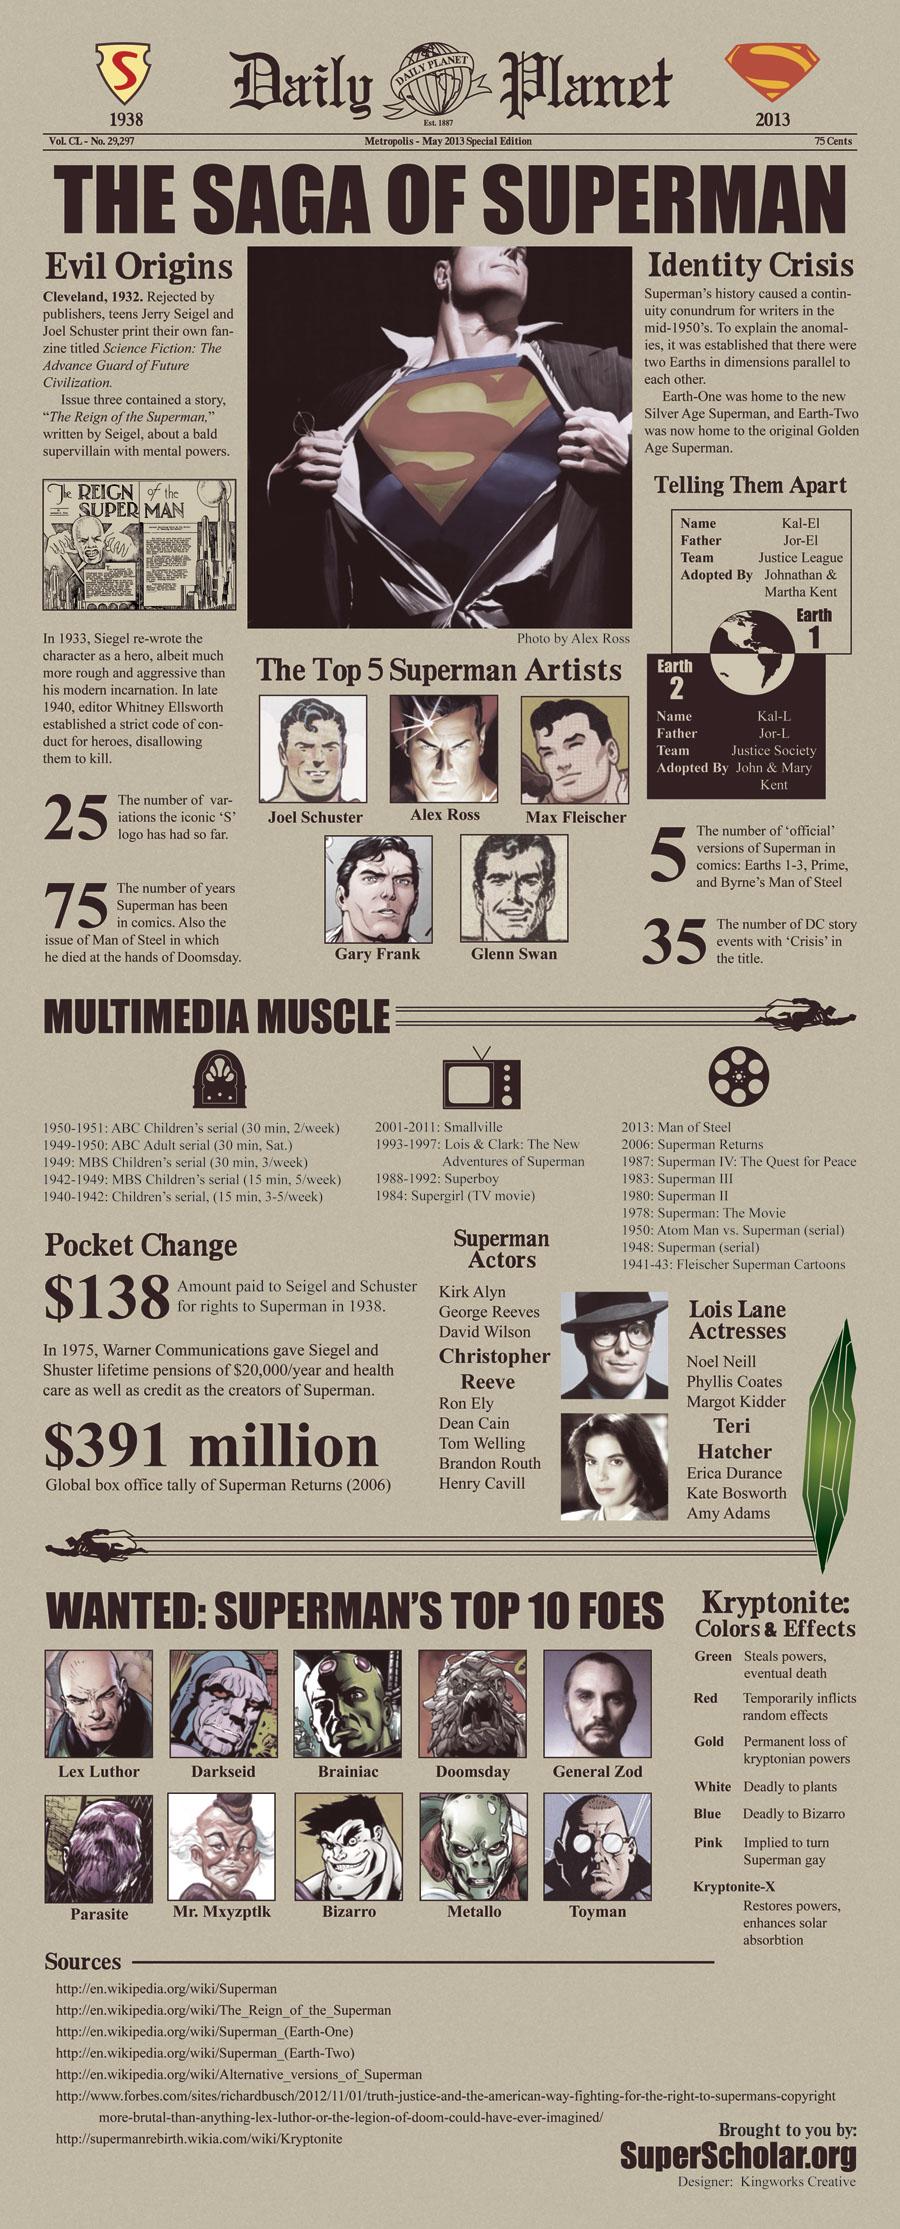 Superman Origins-Infographic